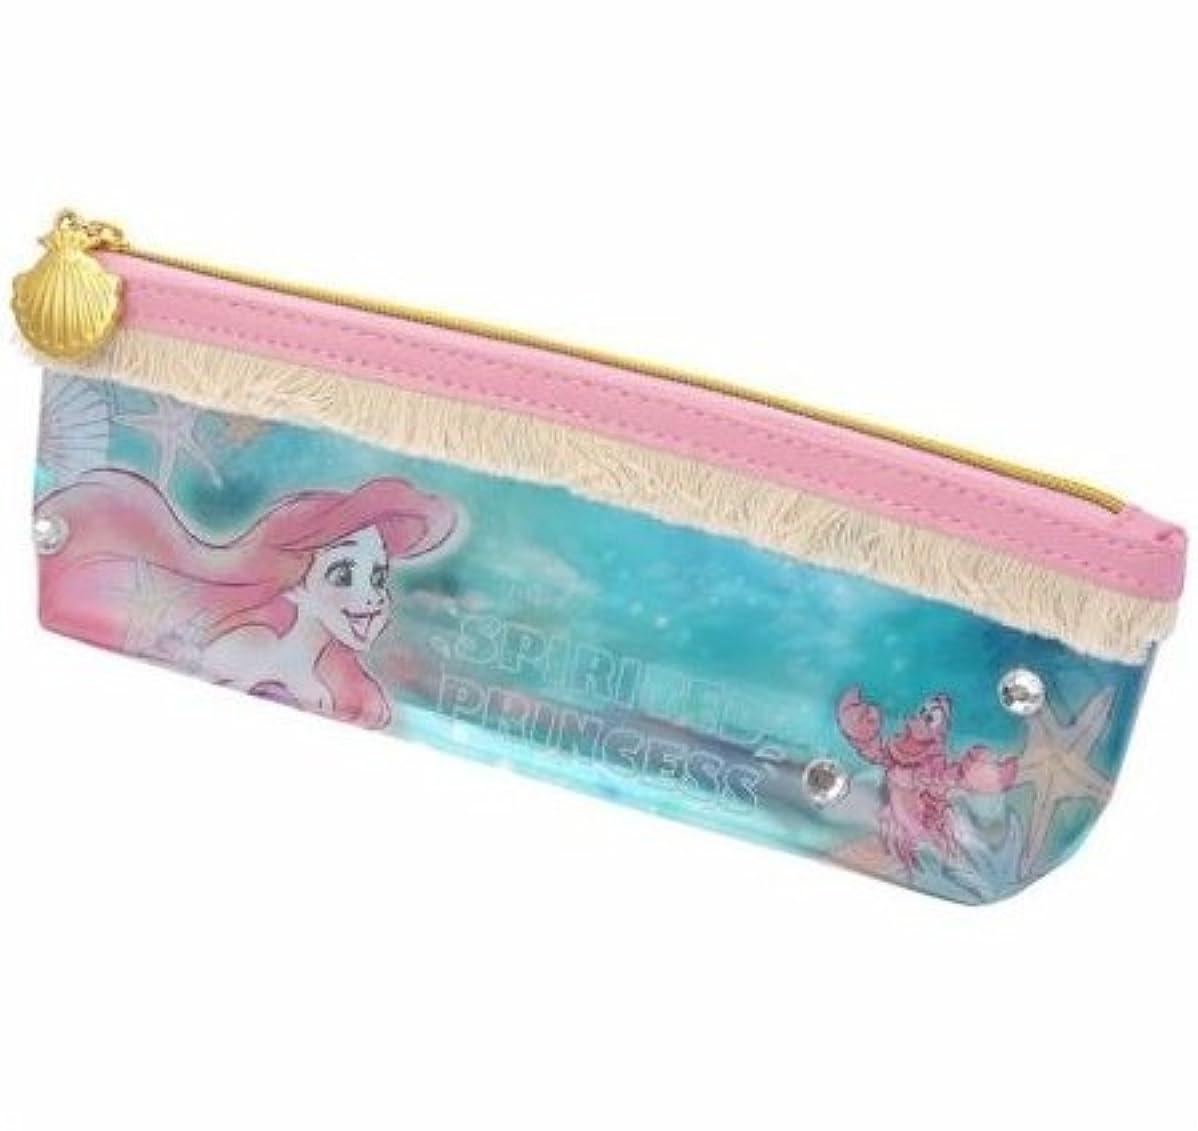 兵器庫不正ますますアリエル Crystal Dream Mermaid 歯ブラシセット ディズニーストア